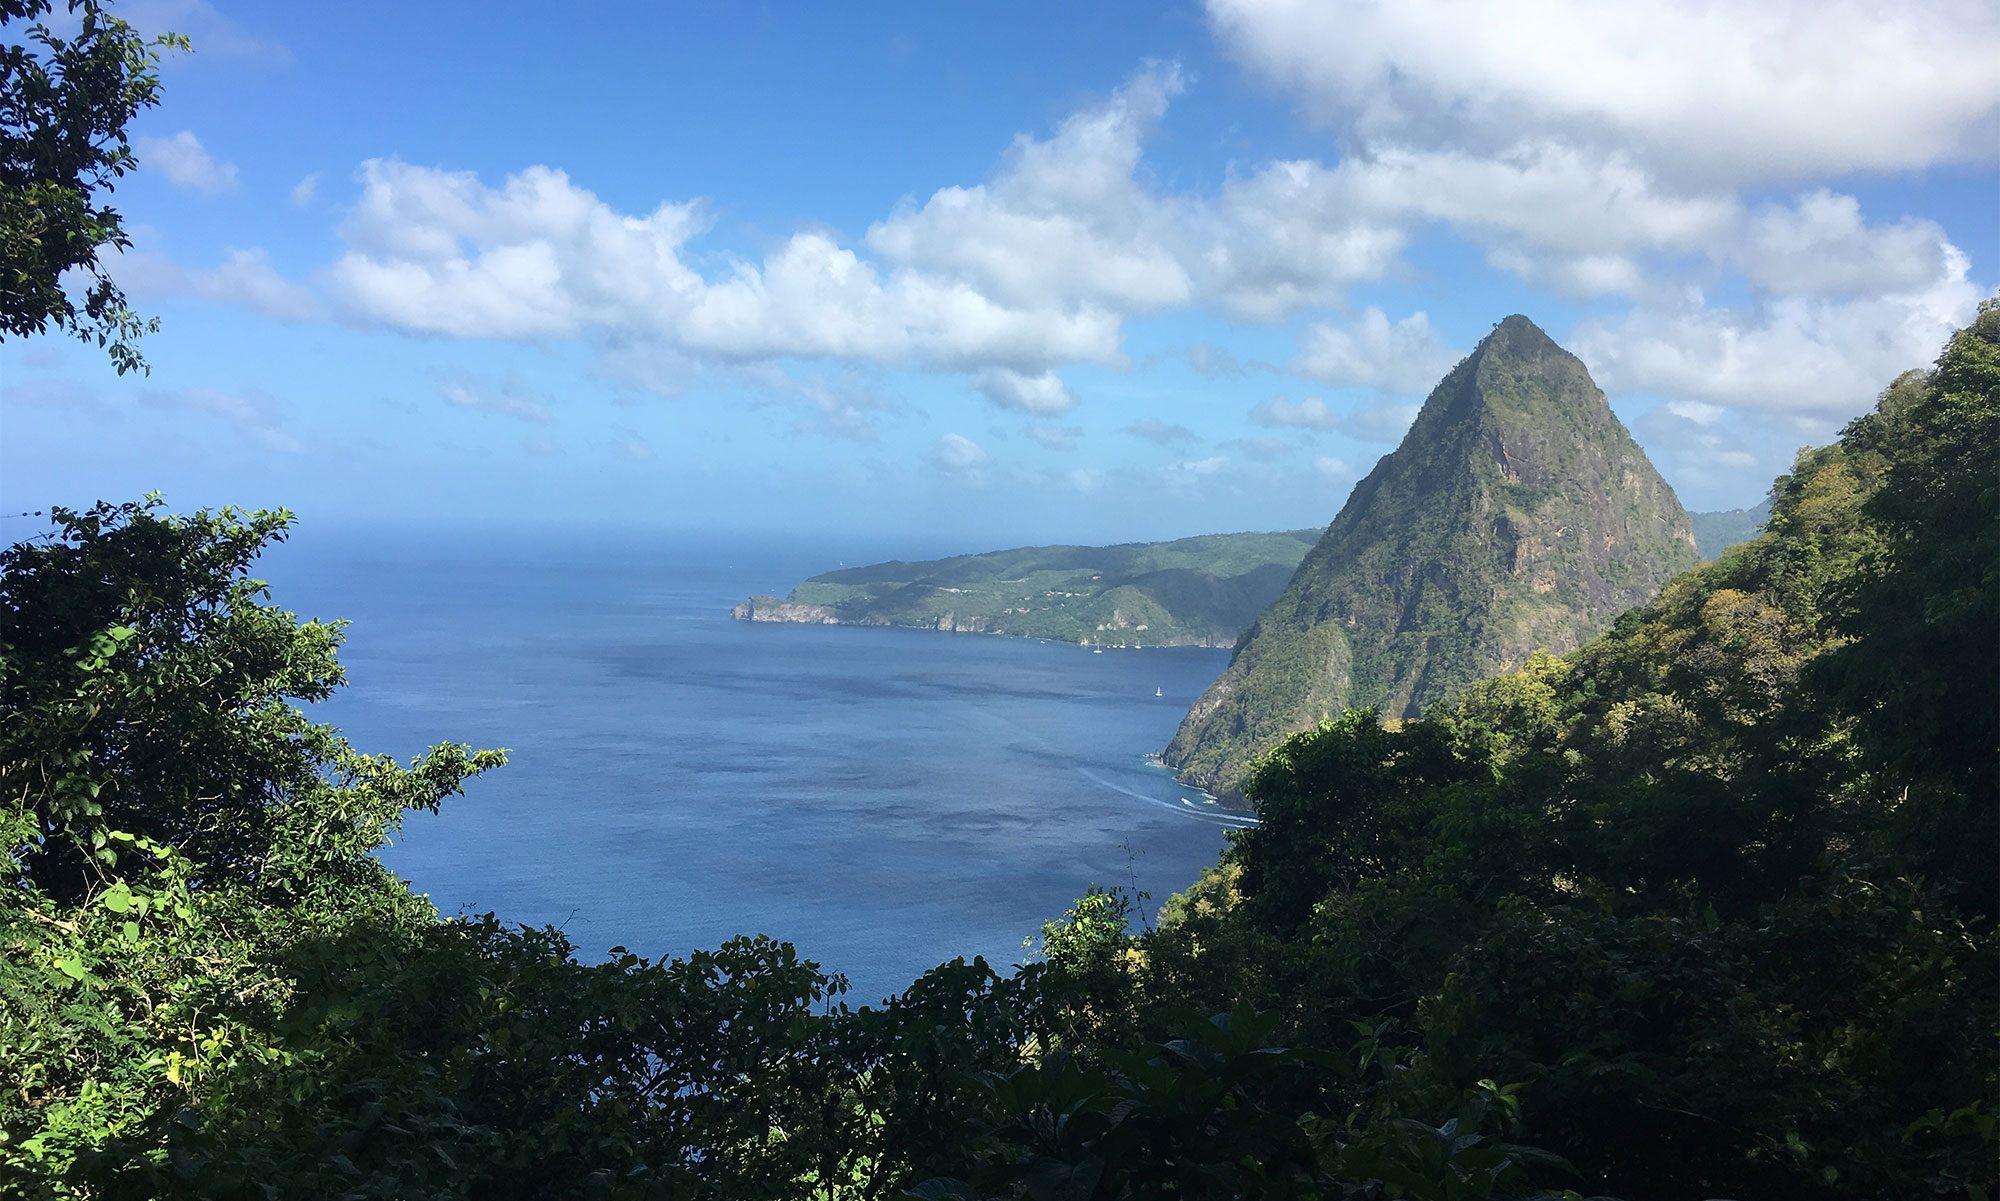 Principia College Abroad to St. Lucia and Grenada